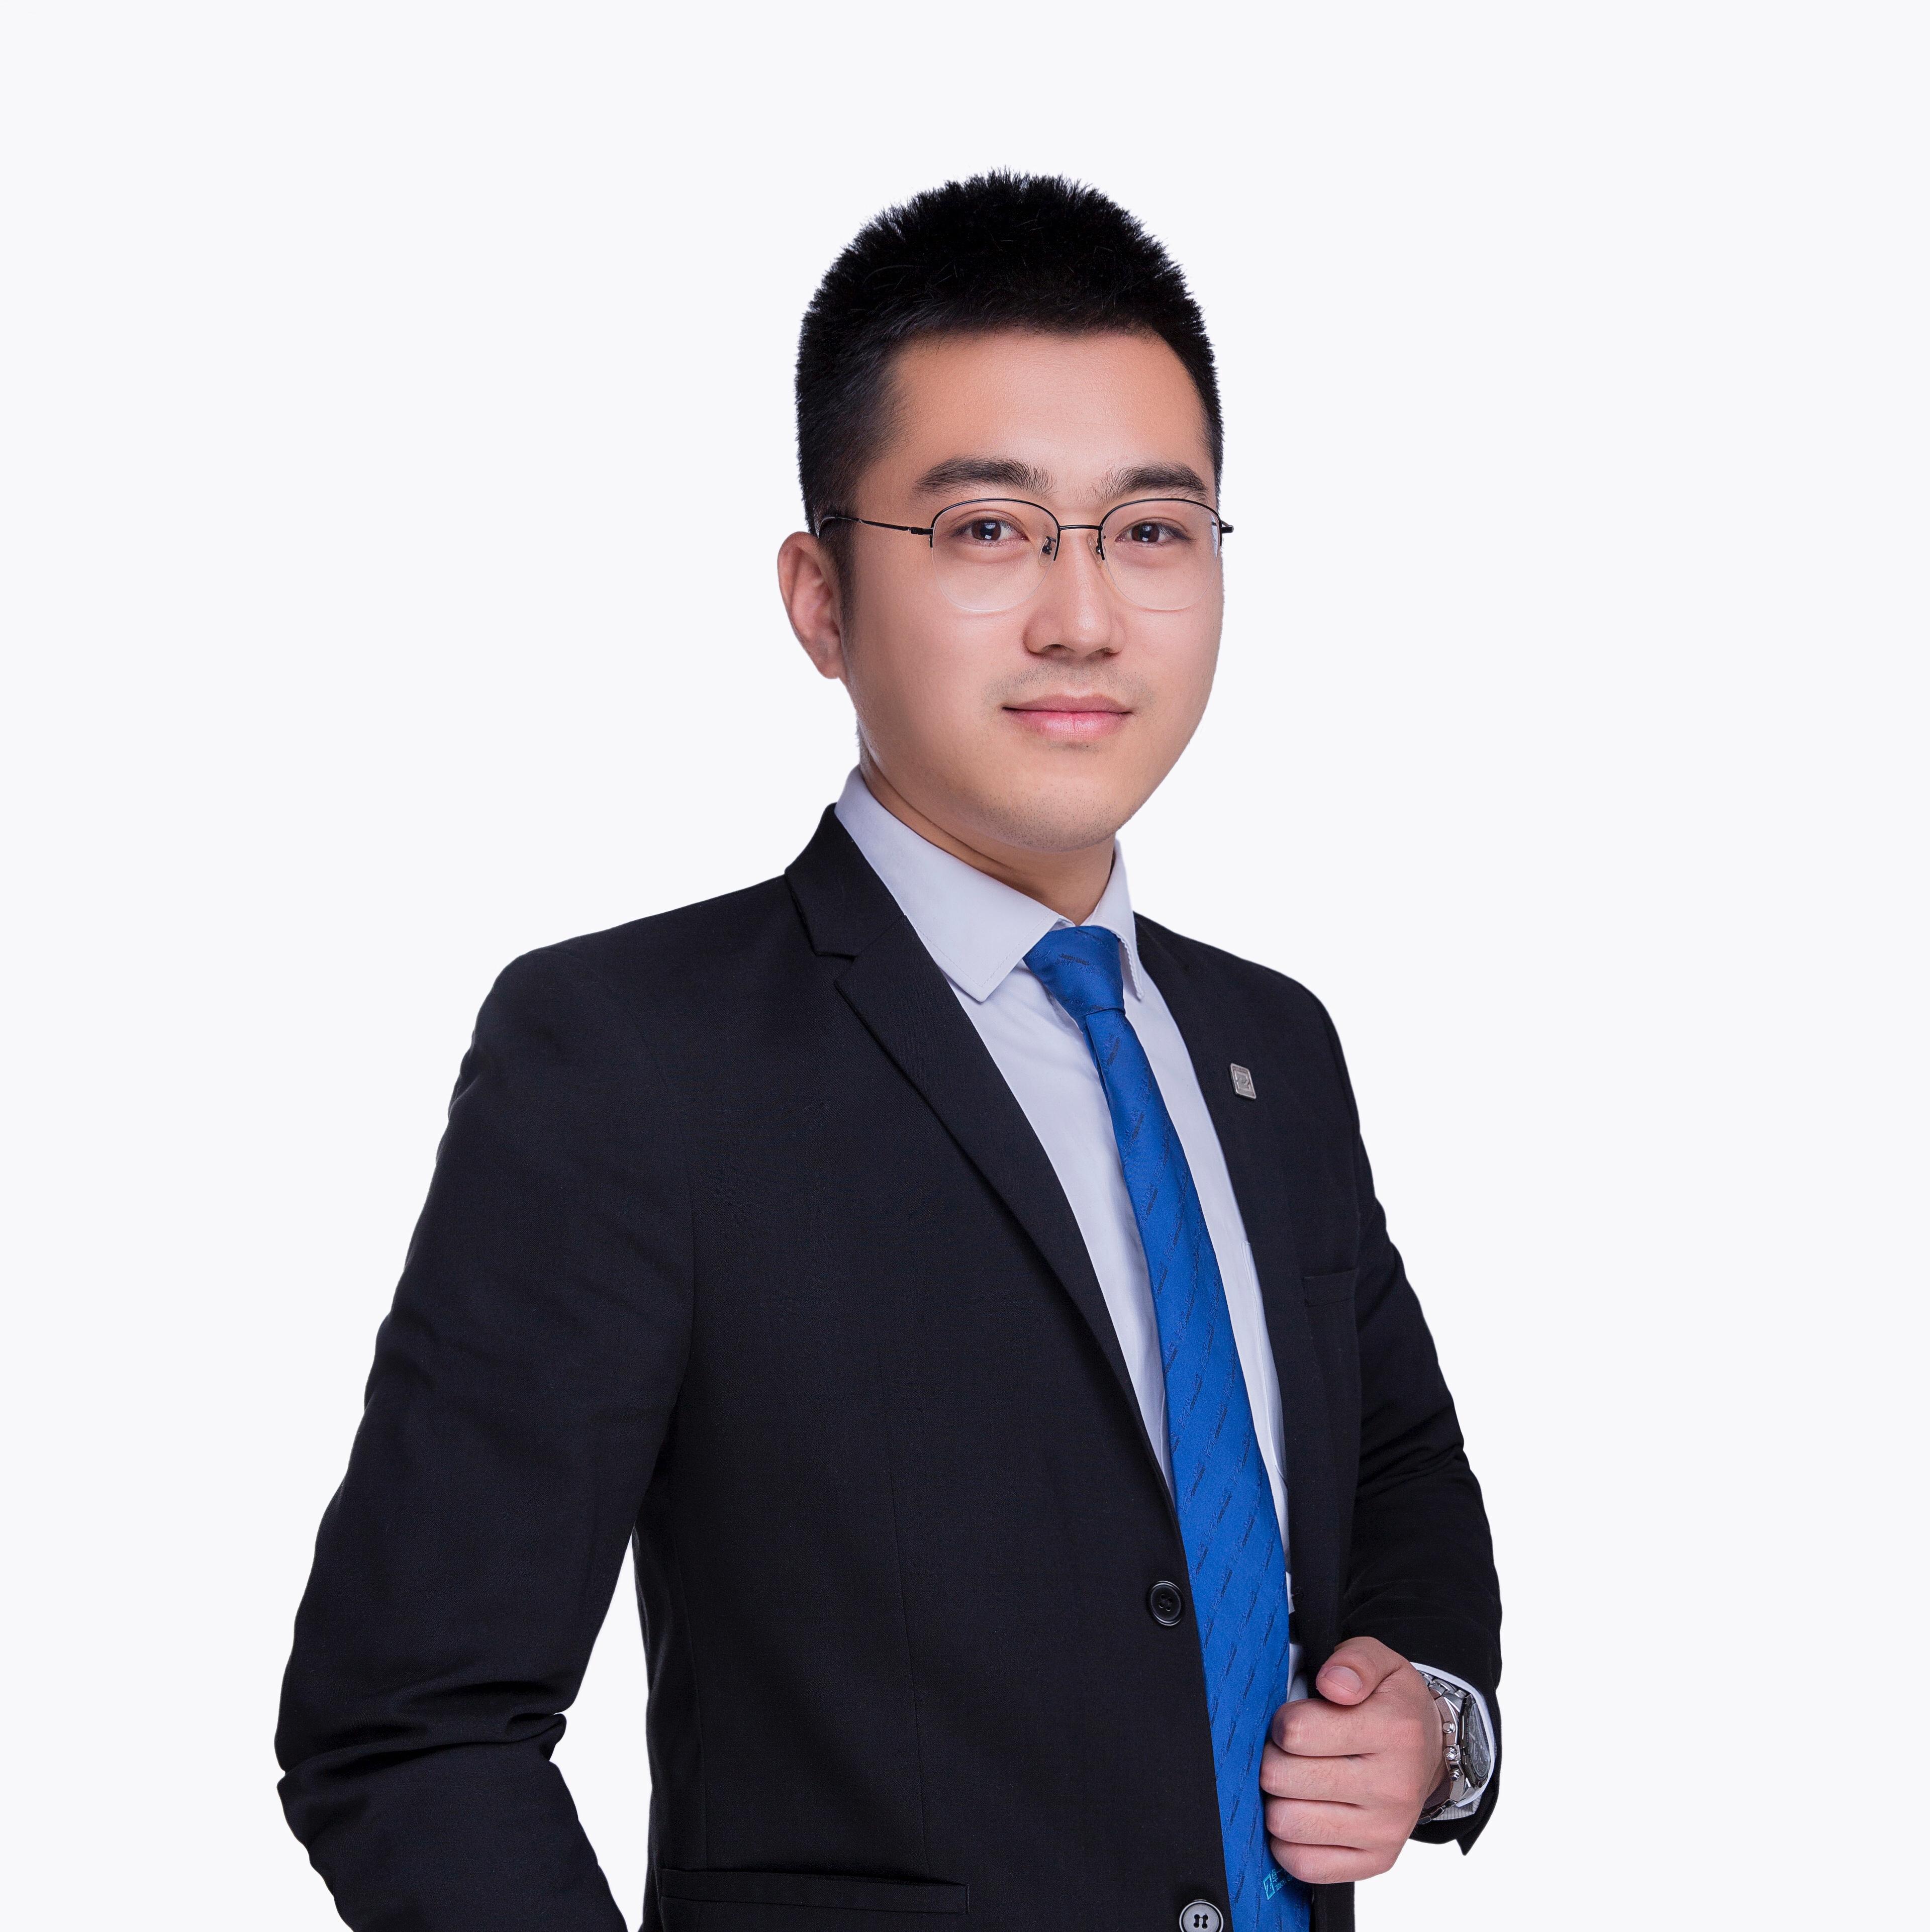 刘广志照片